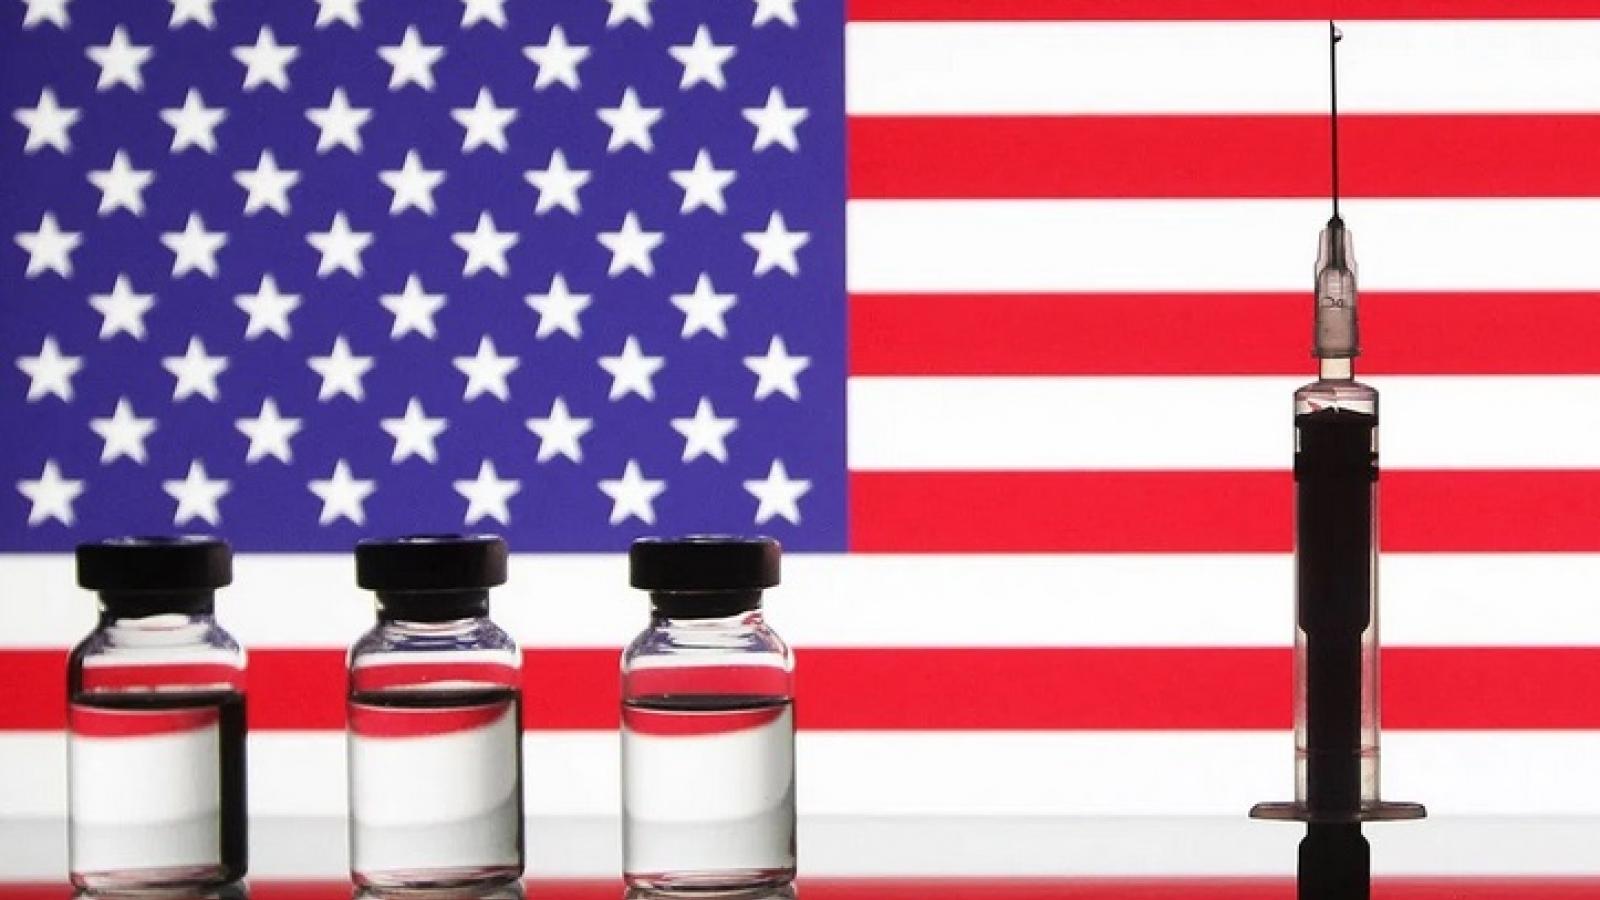 Mỹ có thể trở thành quốc gia phương Tây đầu tiên đè bẹp Covid-19 nhờ miễn dịch cộng đồng?